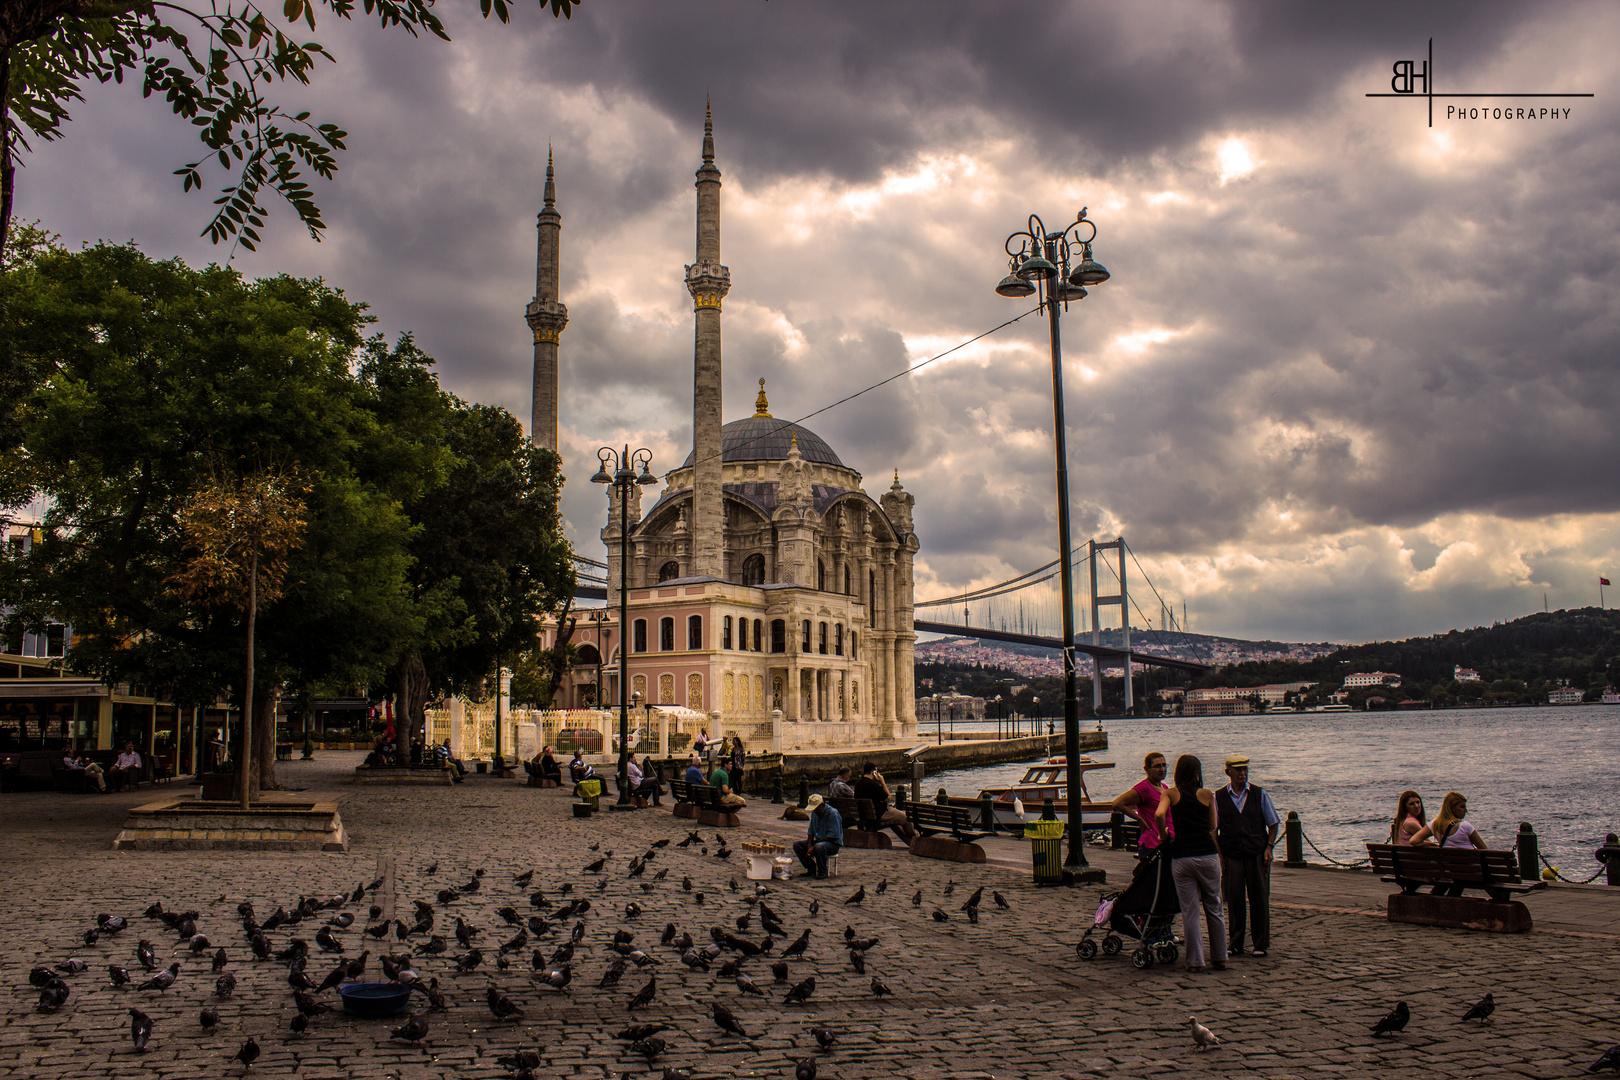 Ortaköy Moschee mit Blick auf die Bosphorusbrücke